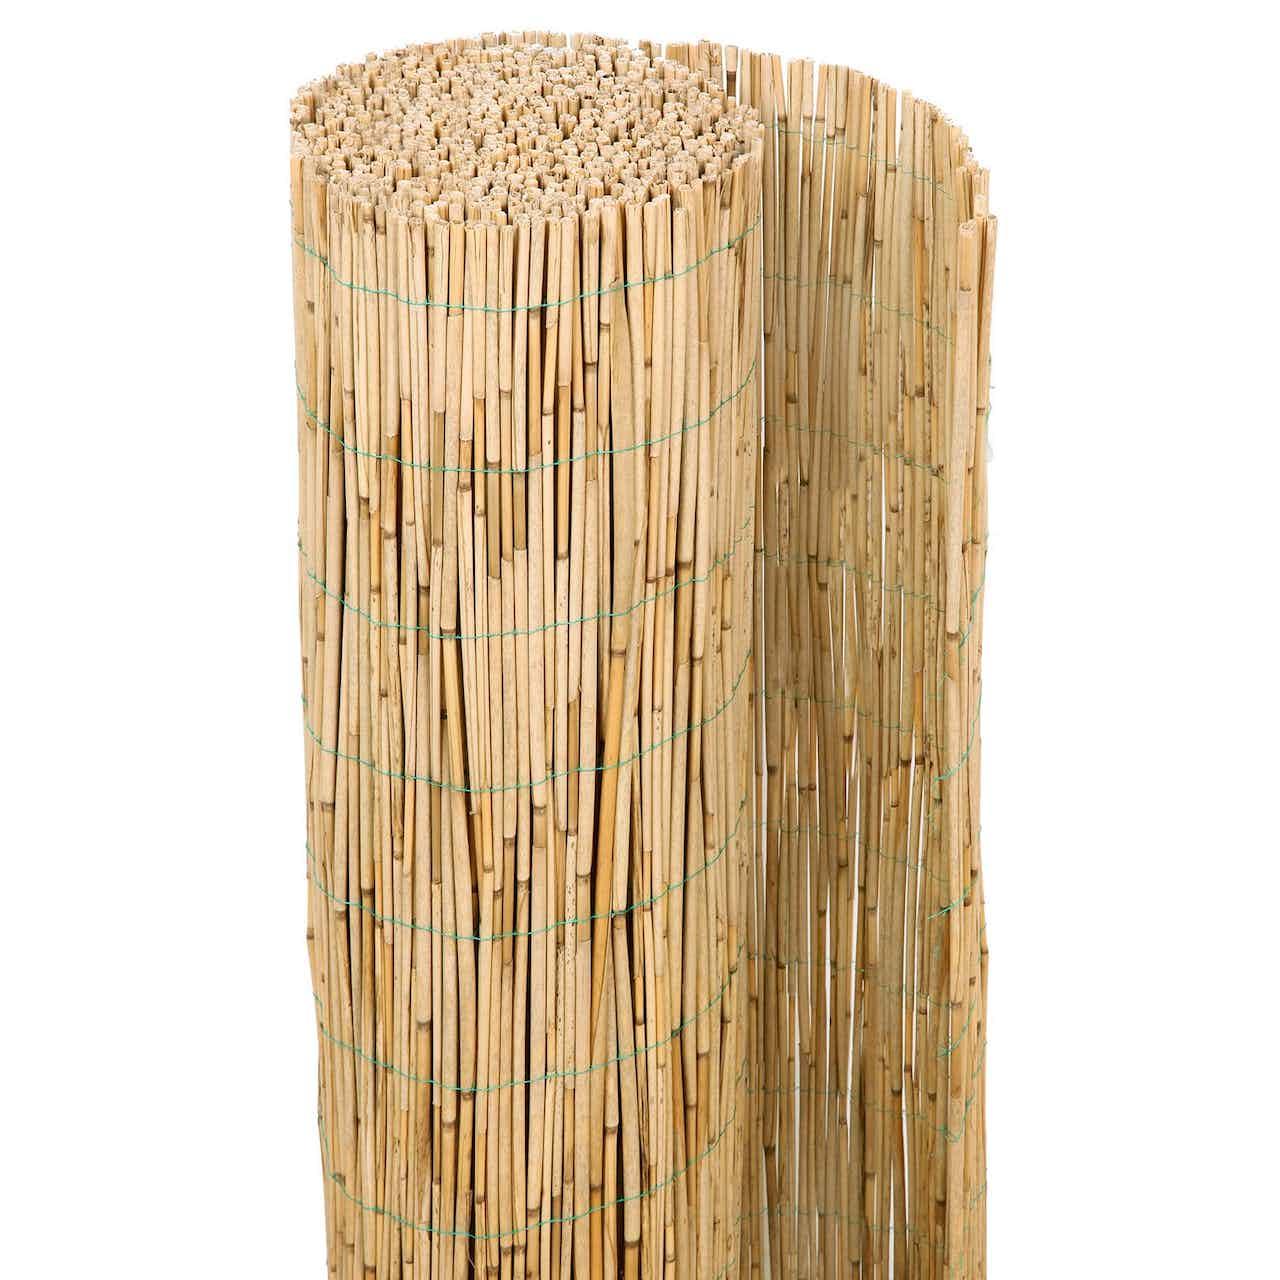 Schilfrohrmatte 100x600 Cm Kaufen Bei Obi